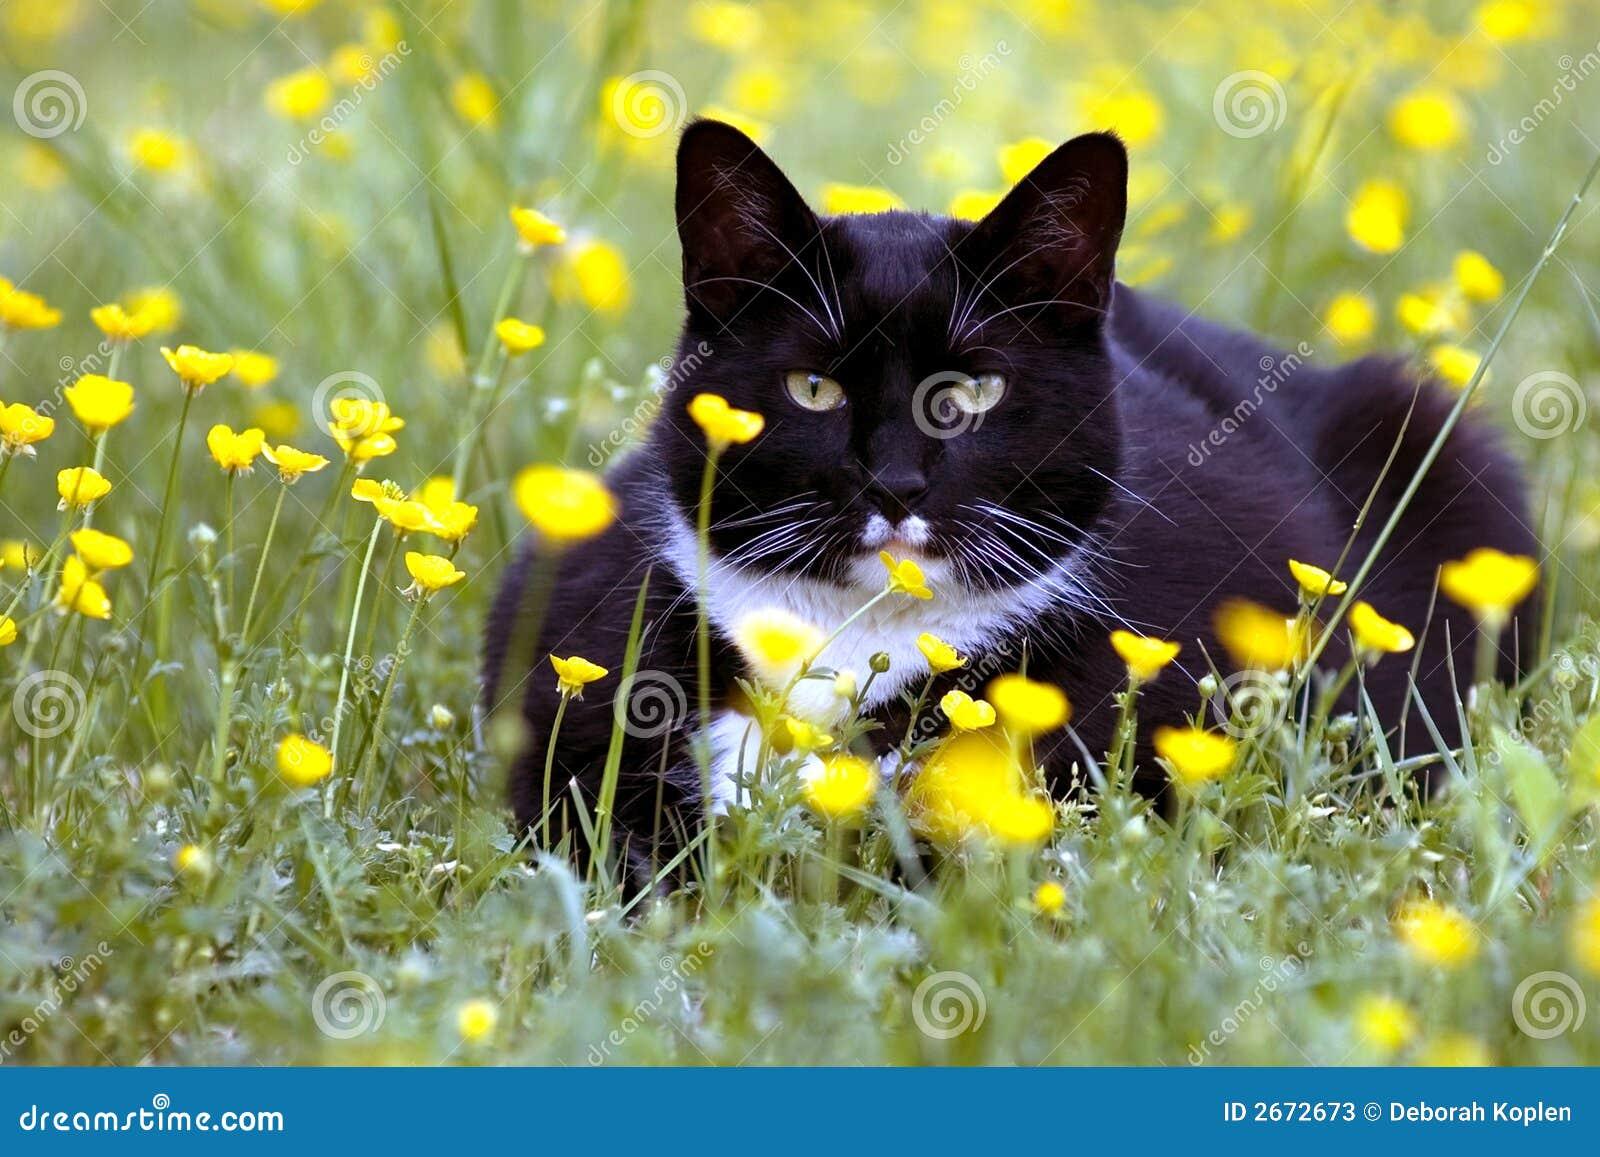 El gato se agachó en flores